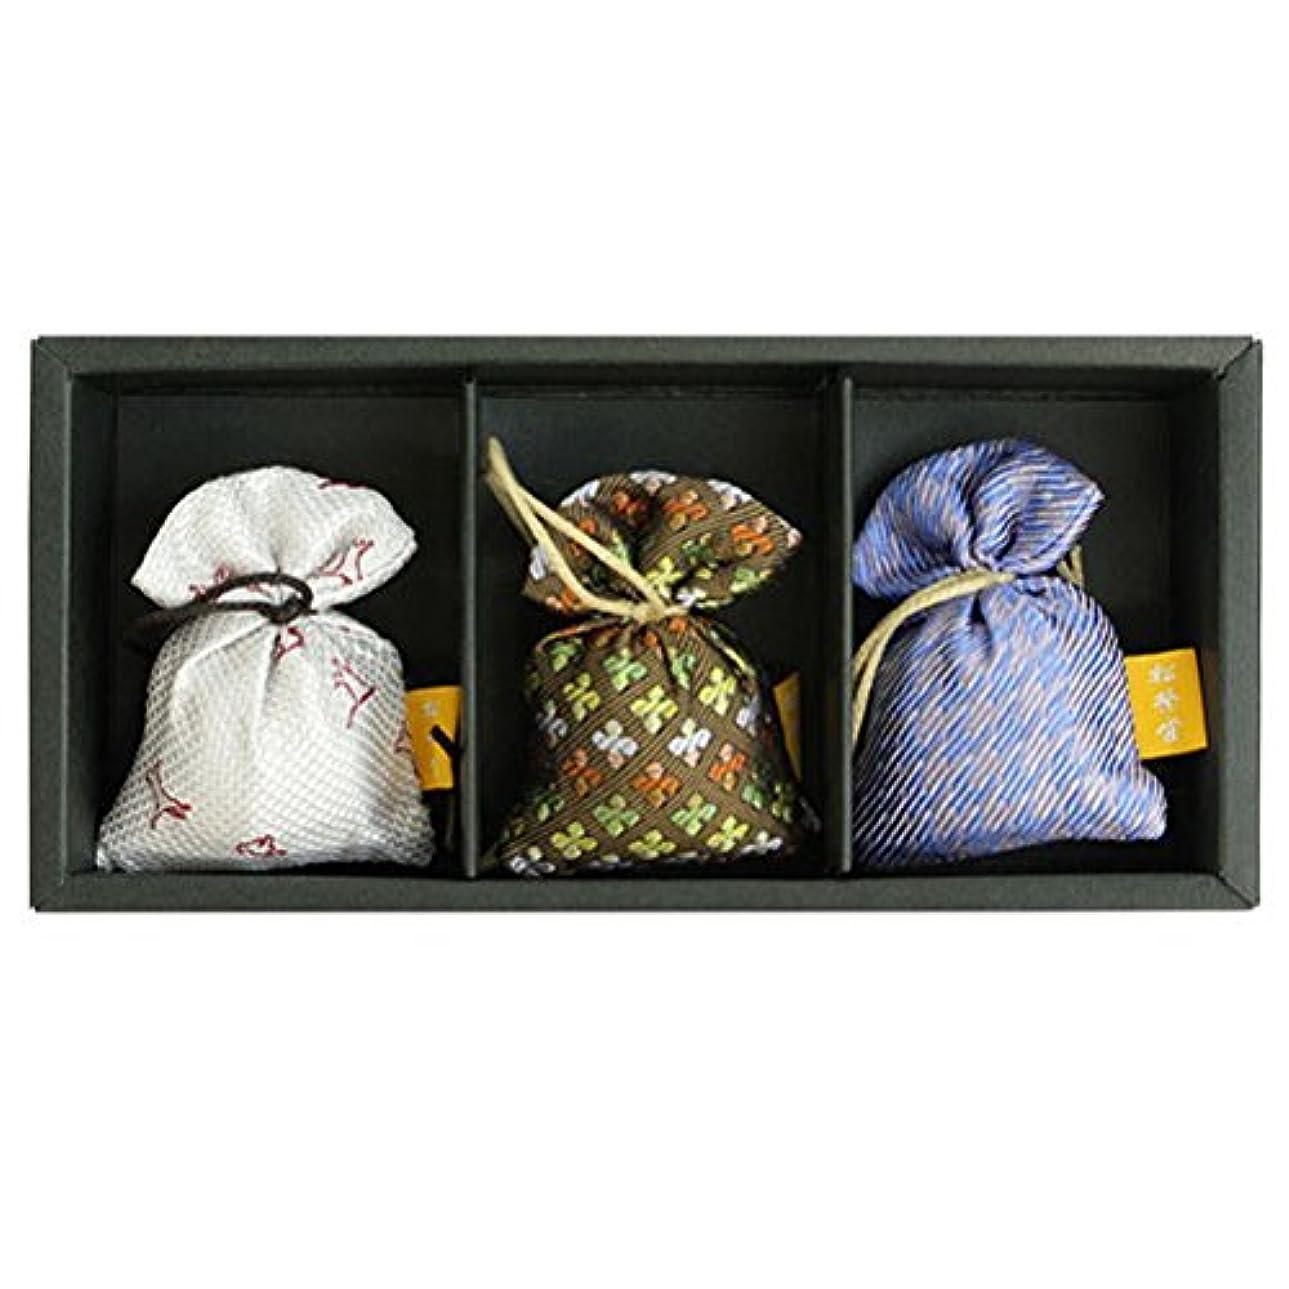 引き金カルシウム持ってる匂い袋 誰が袖 薫 かおる 3個入 松栄堂 Shoyeido 本体長さ60mm (色?柄は選べません)